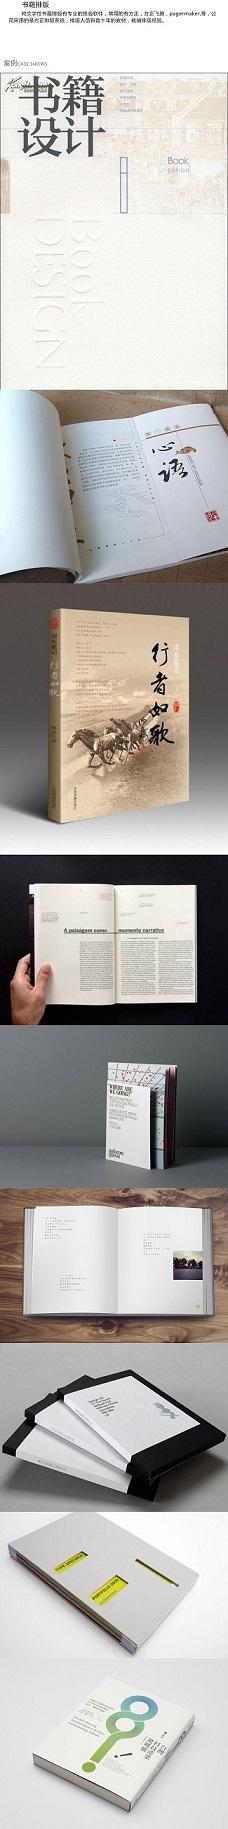 成都书籍排版设计